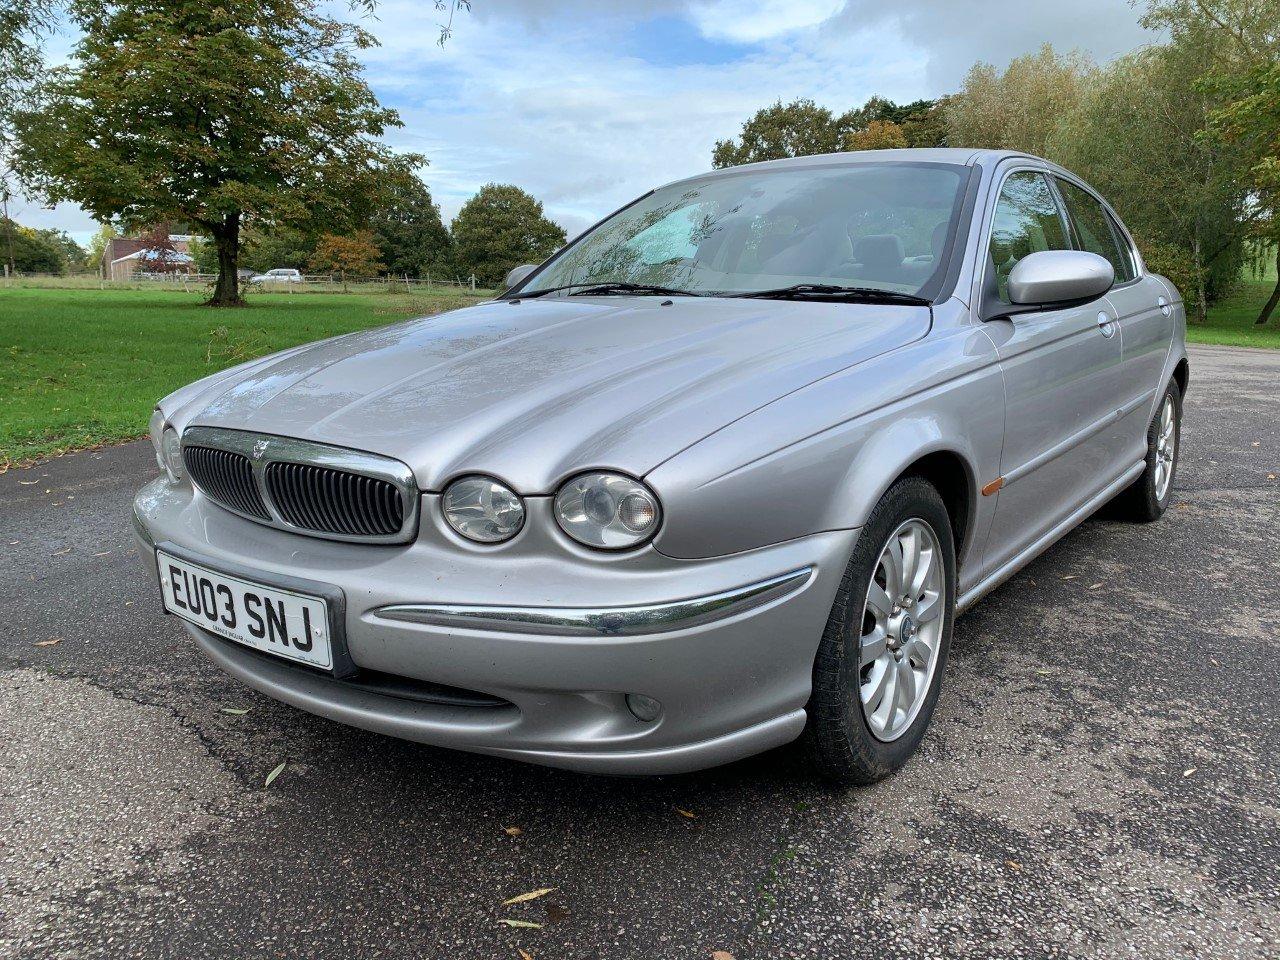 2003 Jaguar X-Type 2.5 V6 SE Auto For Sale (picture 1 of 6)